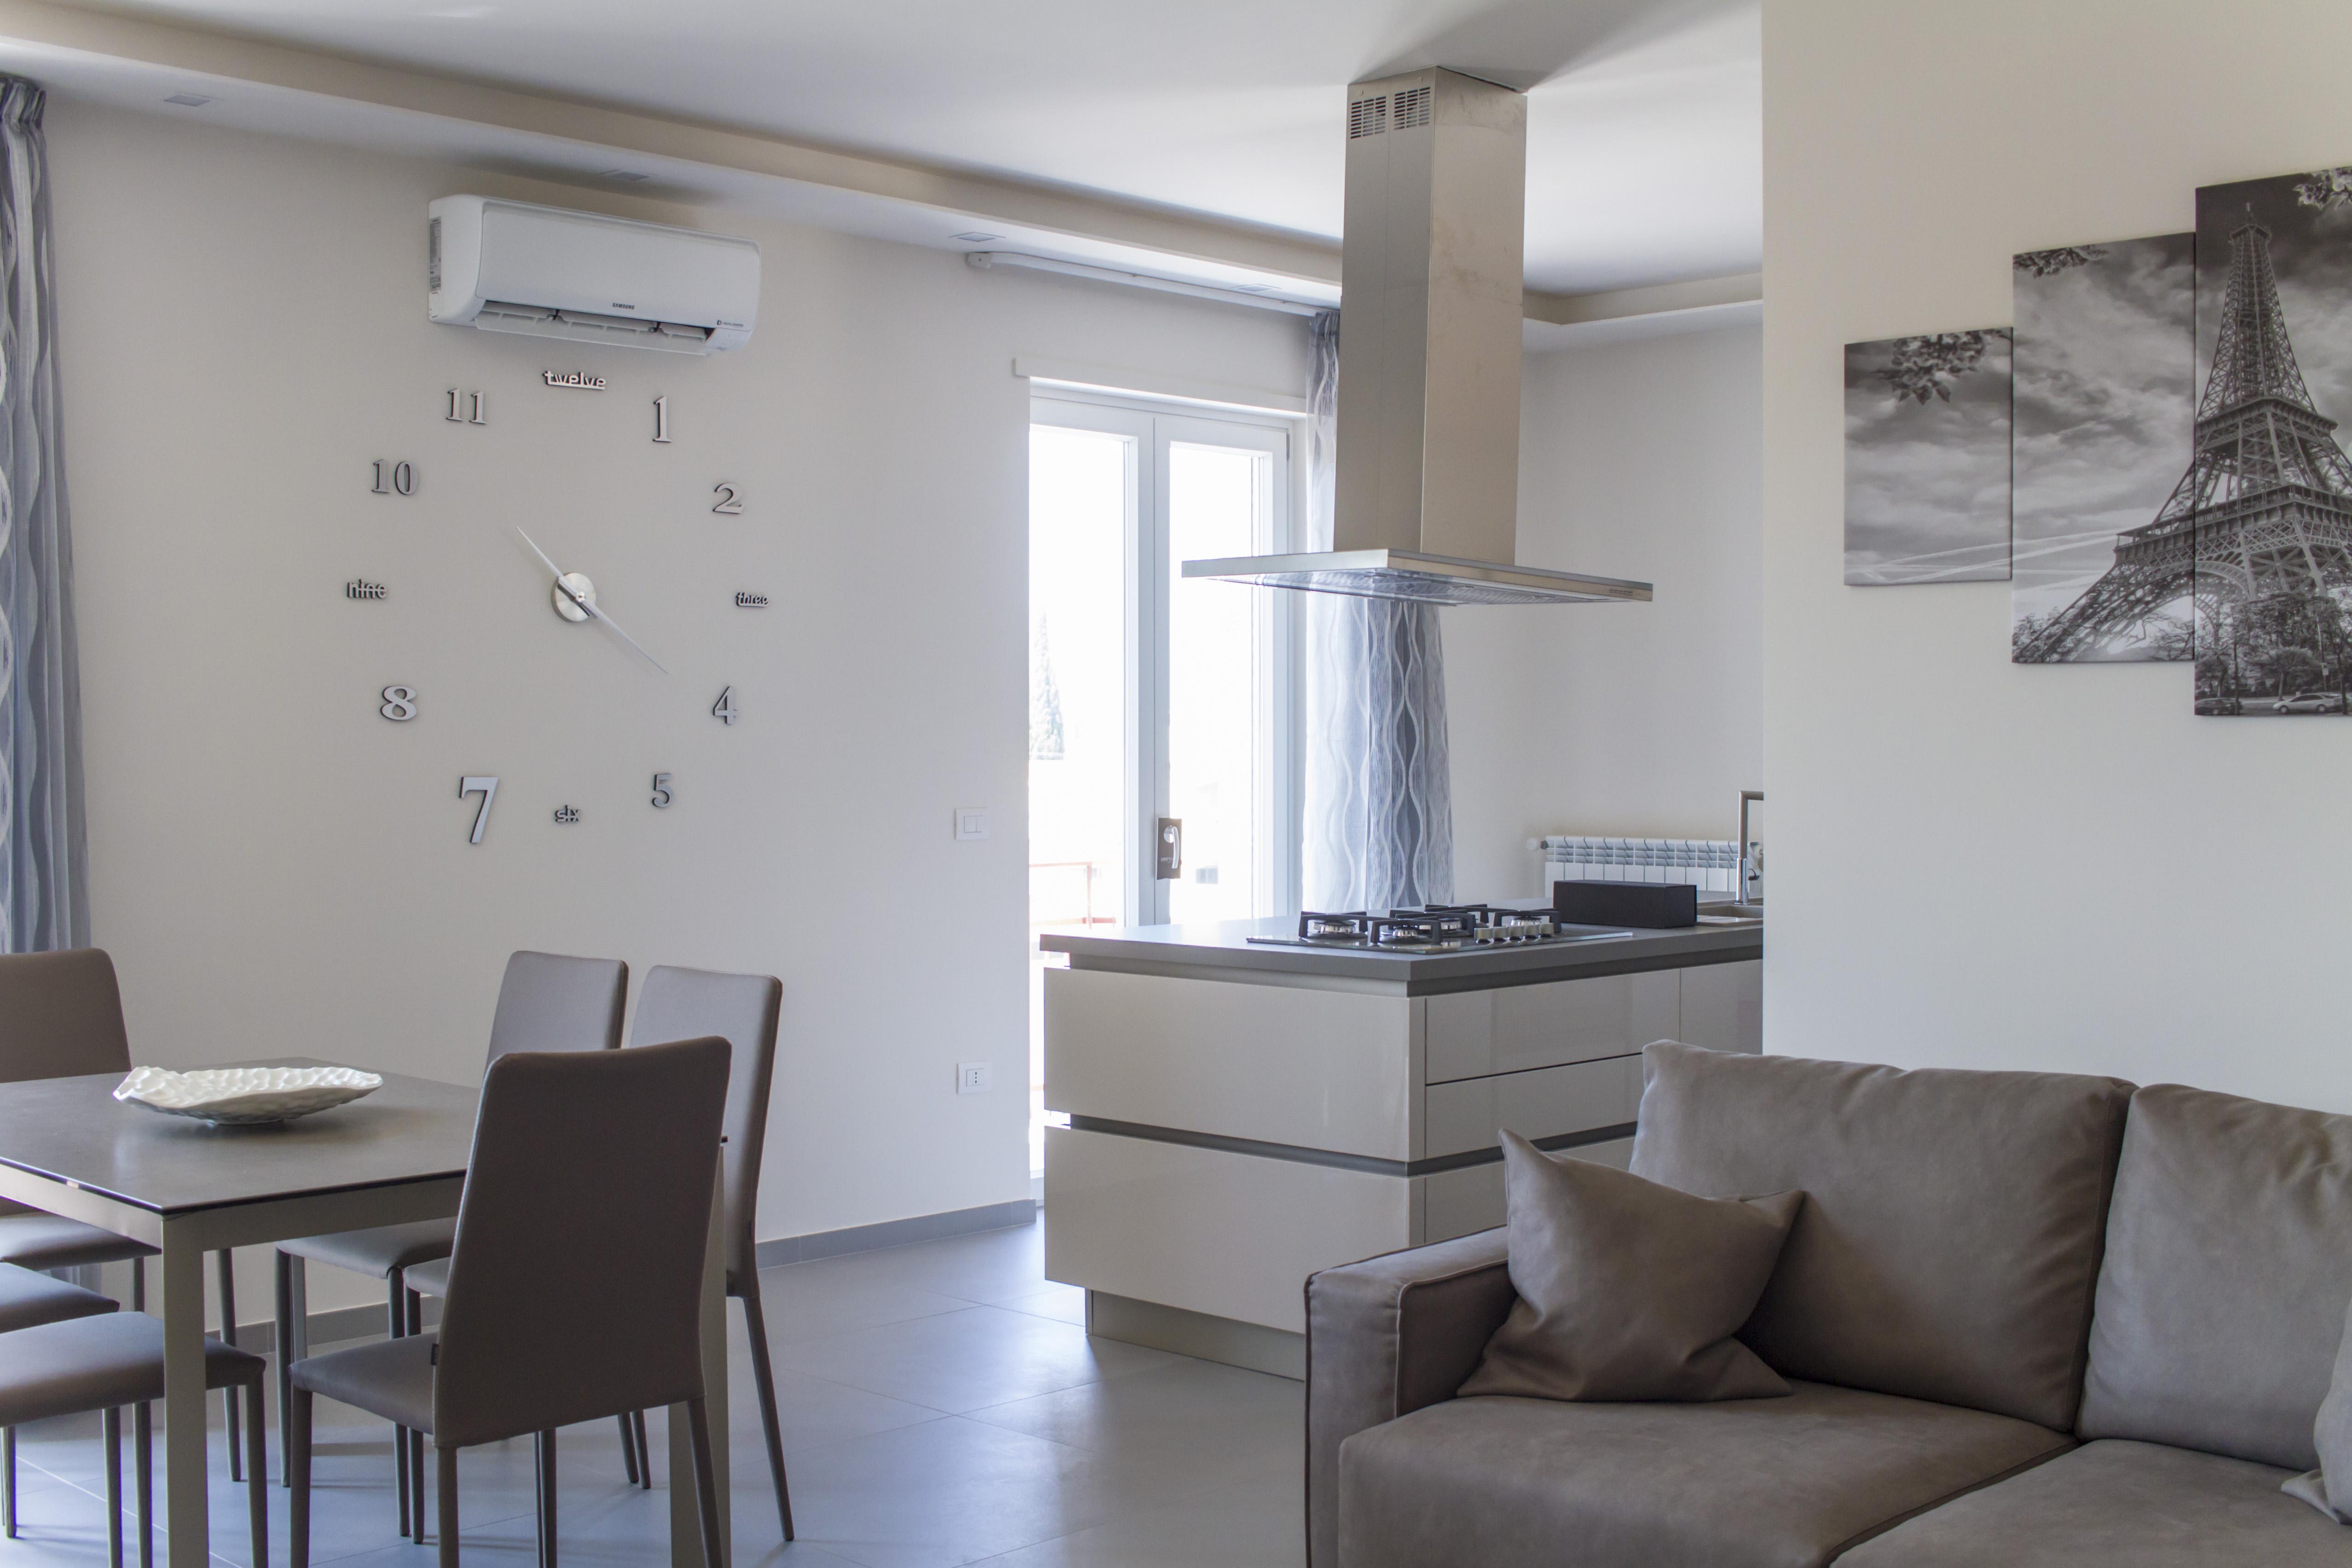 Ristrutturazione Casa Costi Napoli ristrutturazioni napoli - tempi e costi certi - yeshome